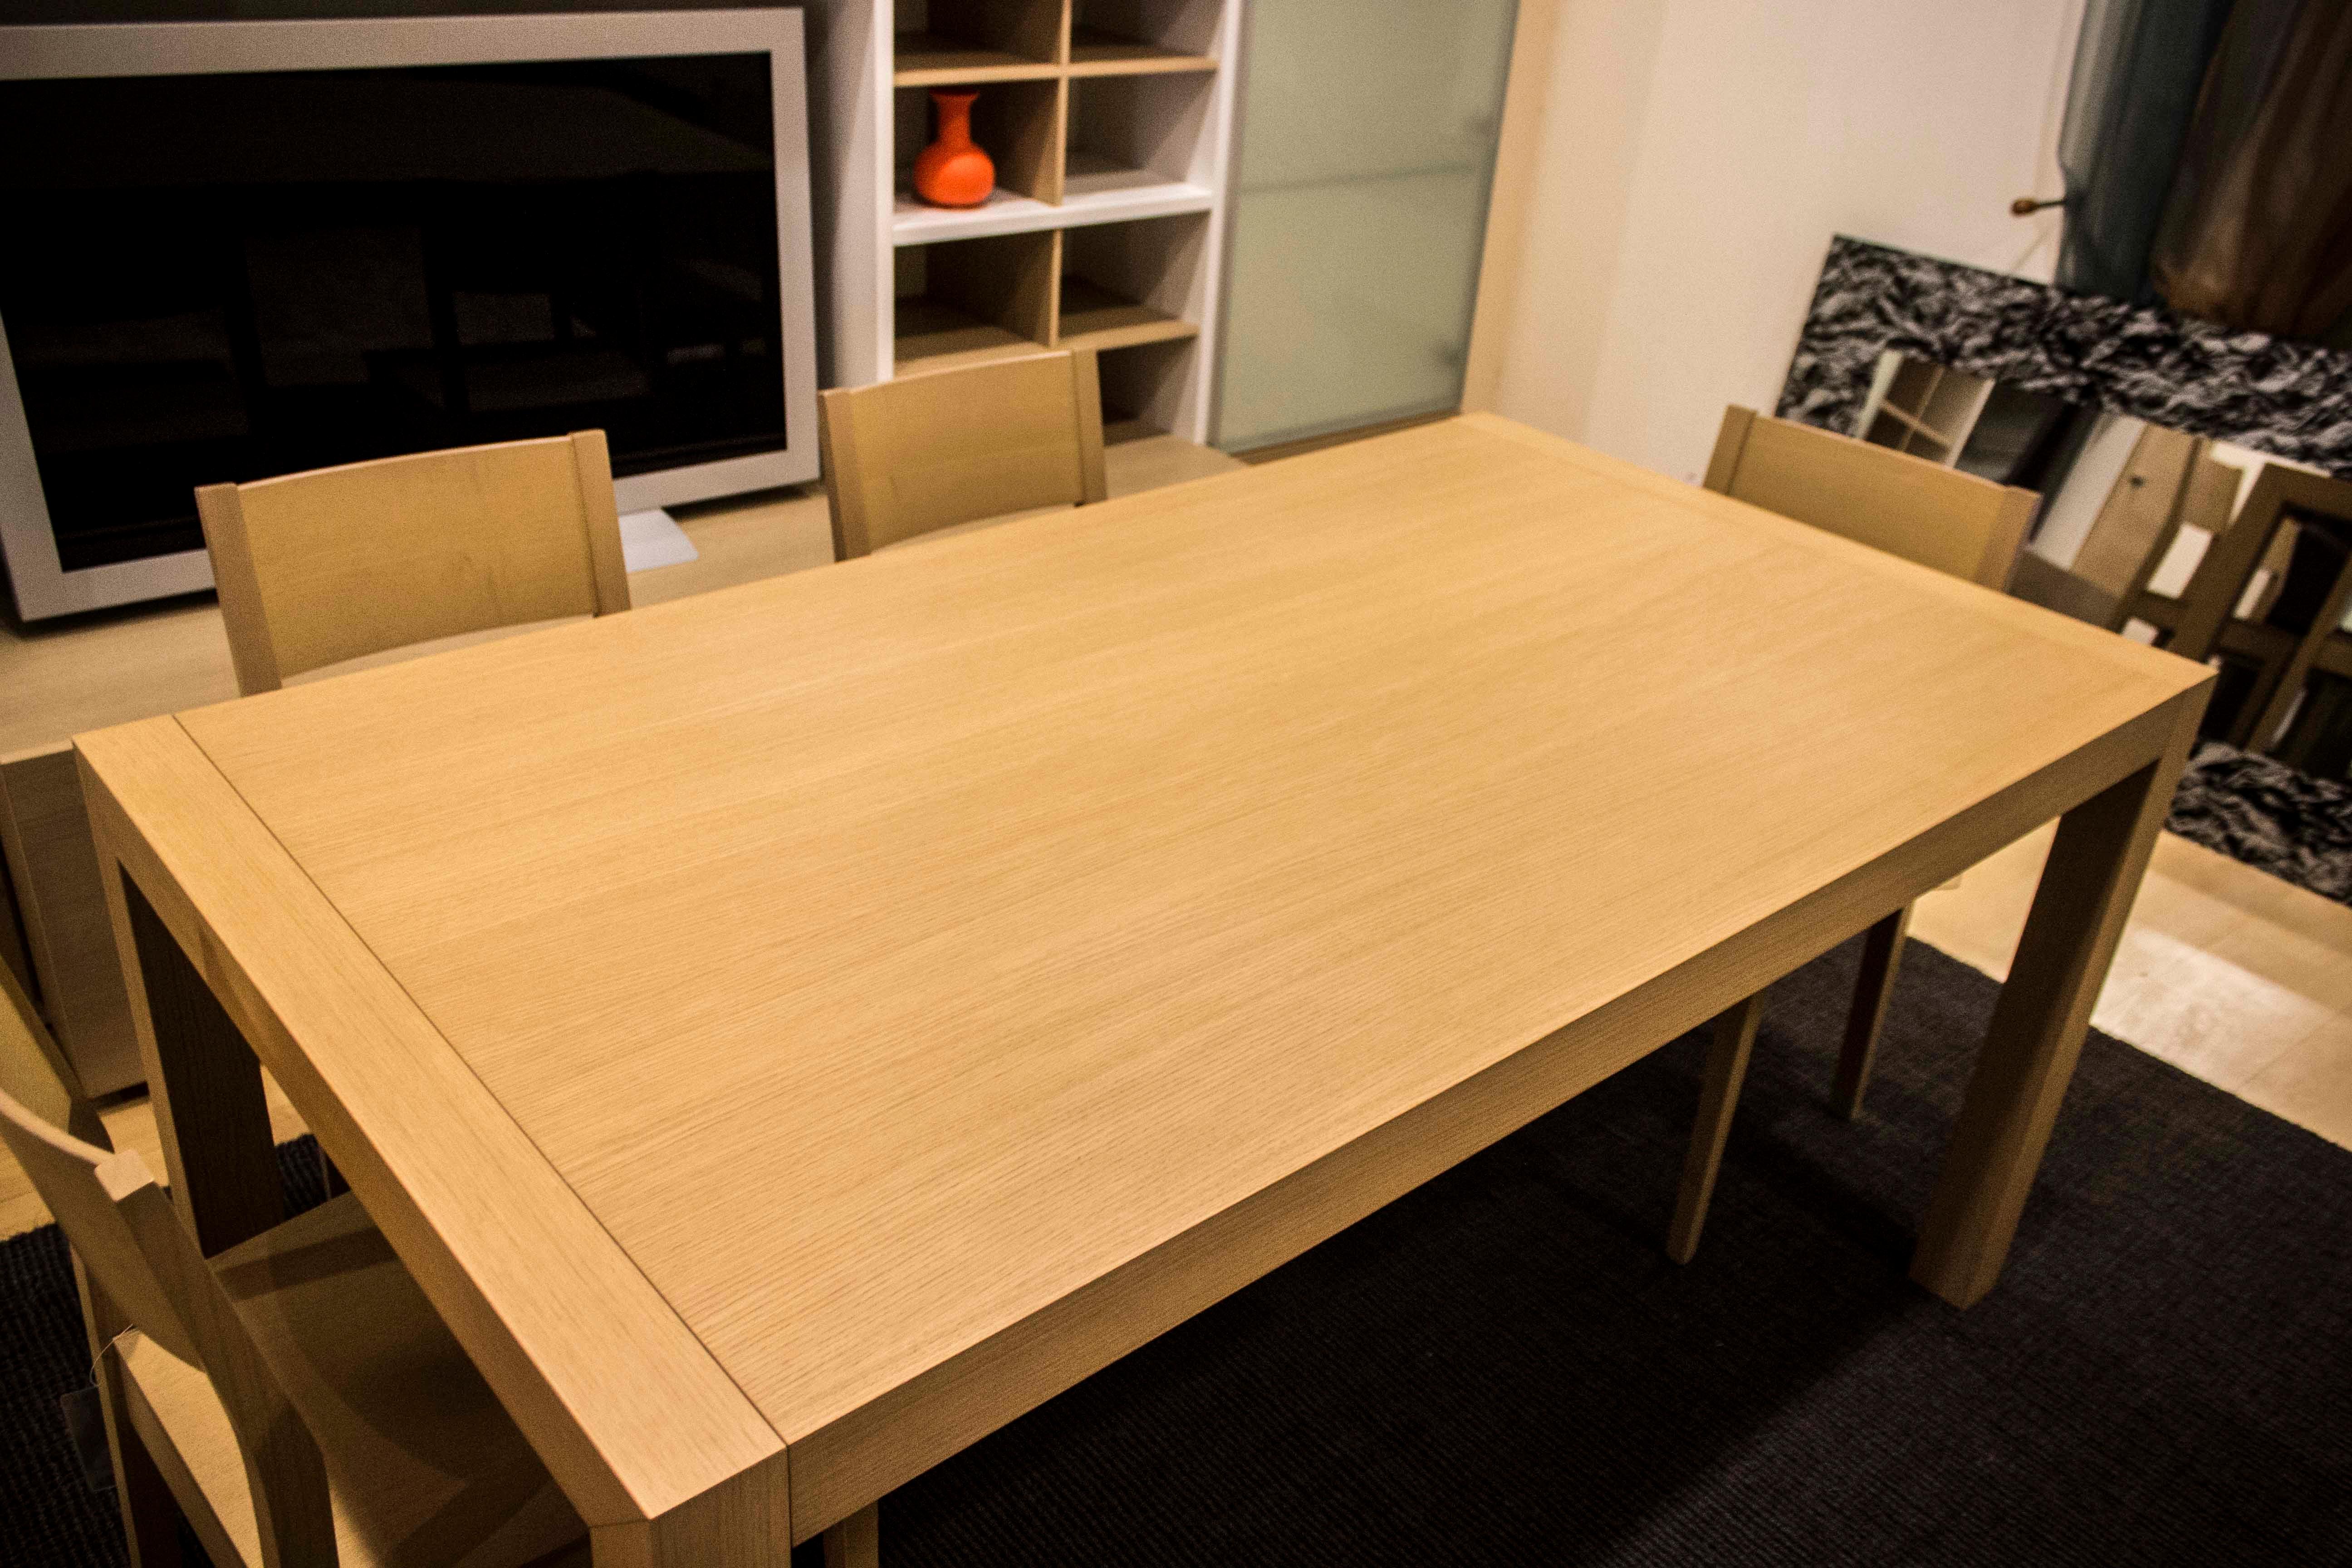 tavolo + 4 sedie magic ditta veneta cucine sconto 60% - tavoli a ... - Tavolo Veneta Cucine